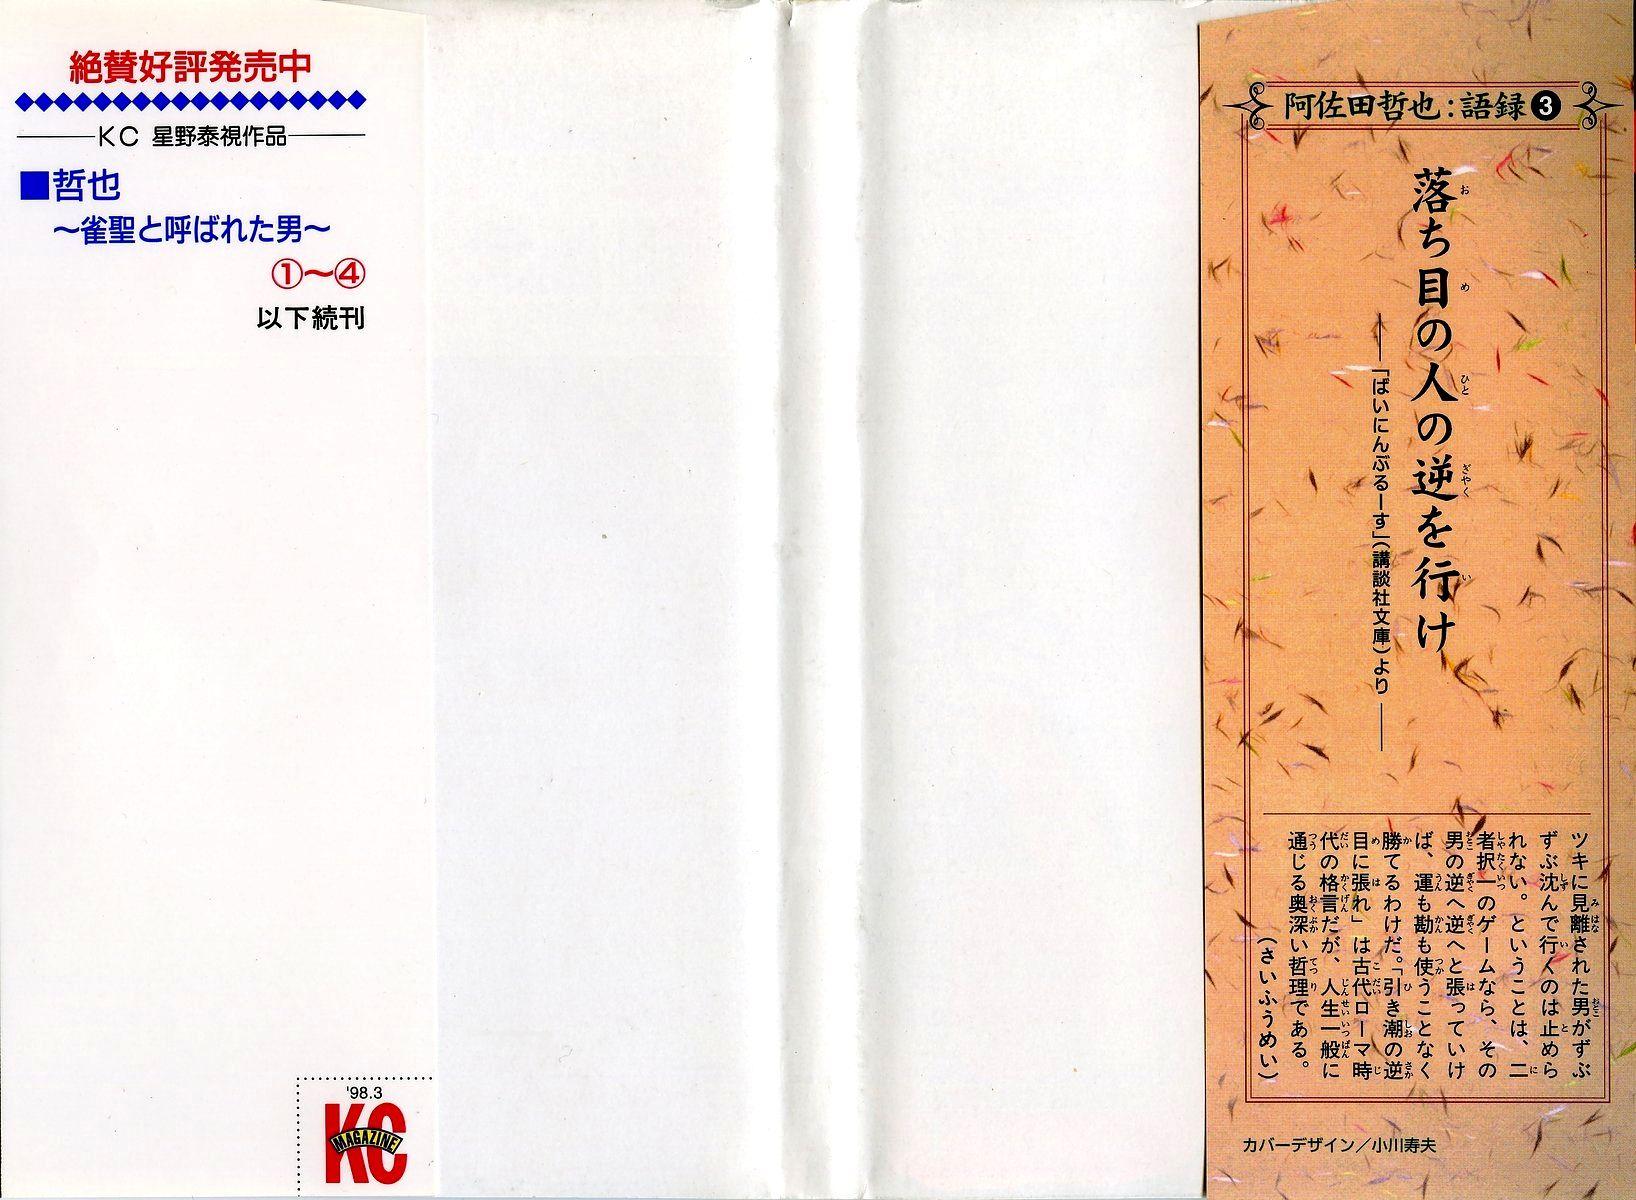 Tetsuya - Jansei to Yobareta Otoko 15 Page 2